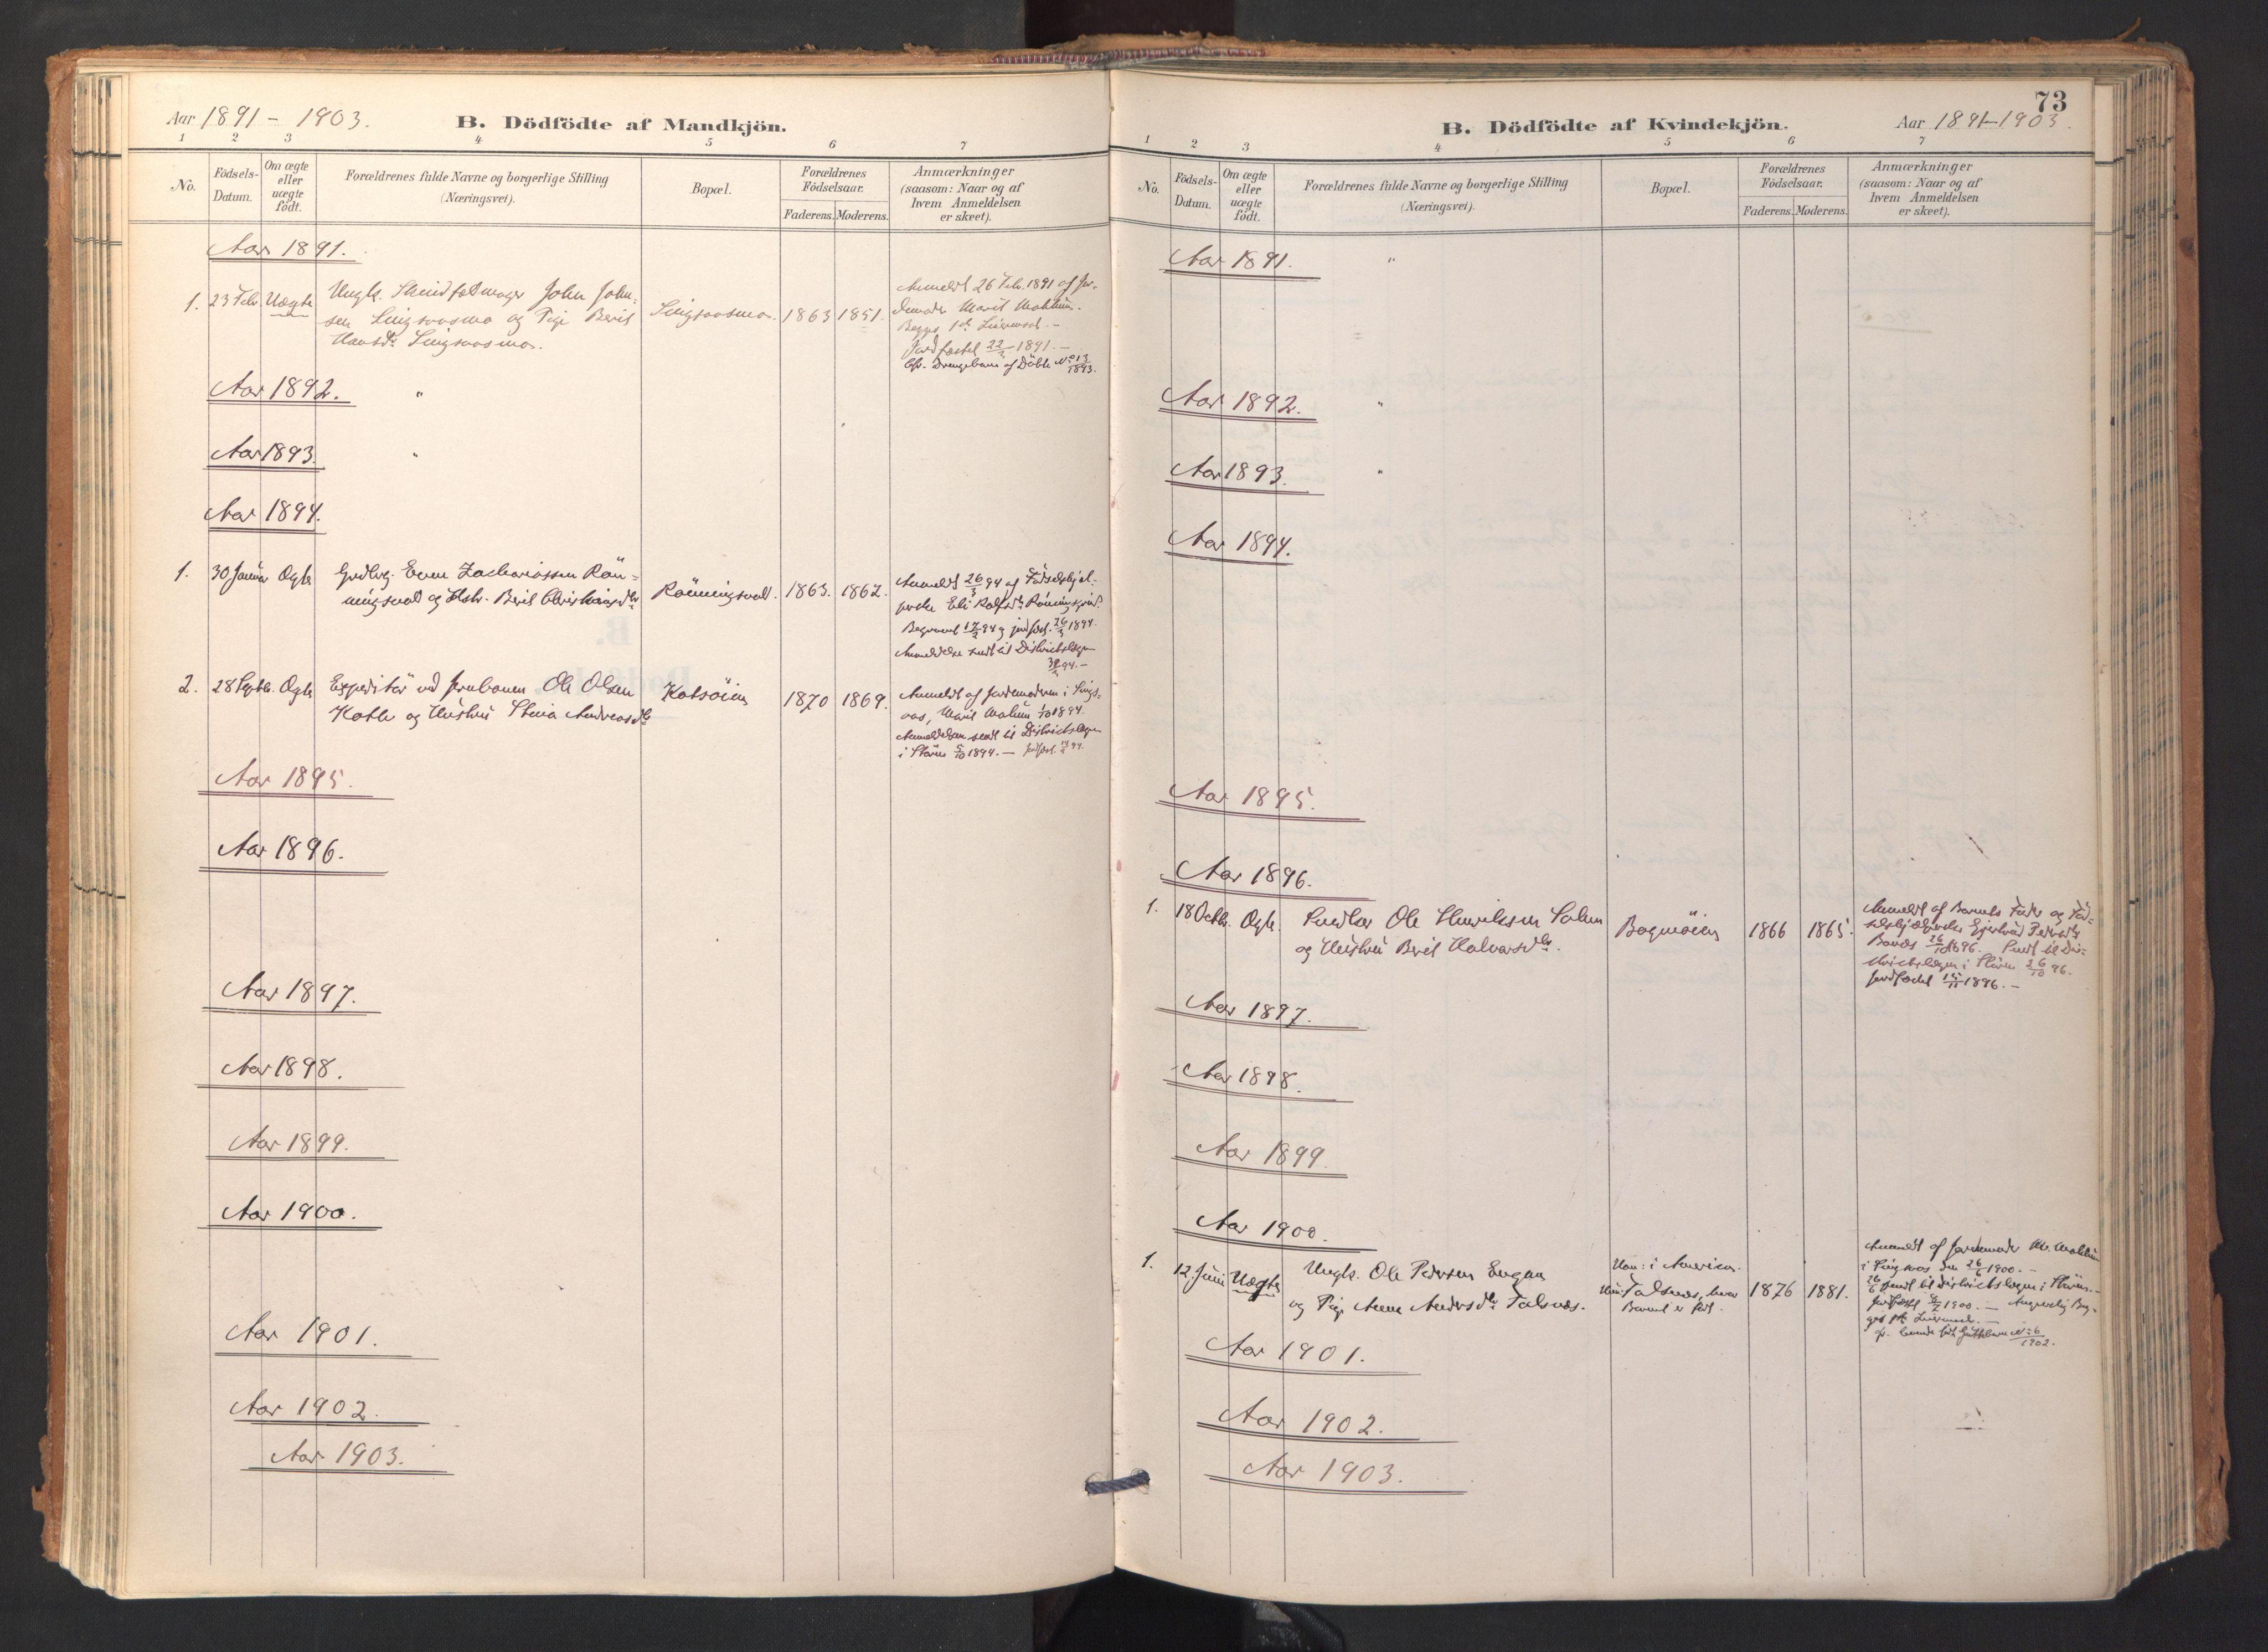 SAT, Ministerialprotokoller, klokkerbøker og fødselsregistre - Sør-Trøndelag, 688/L1025: Ministerialbok nr. 688A02, 1891-1909, s. 73